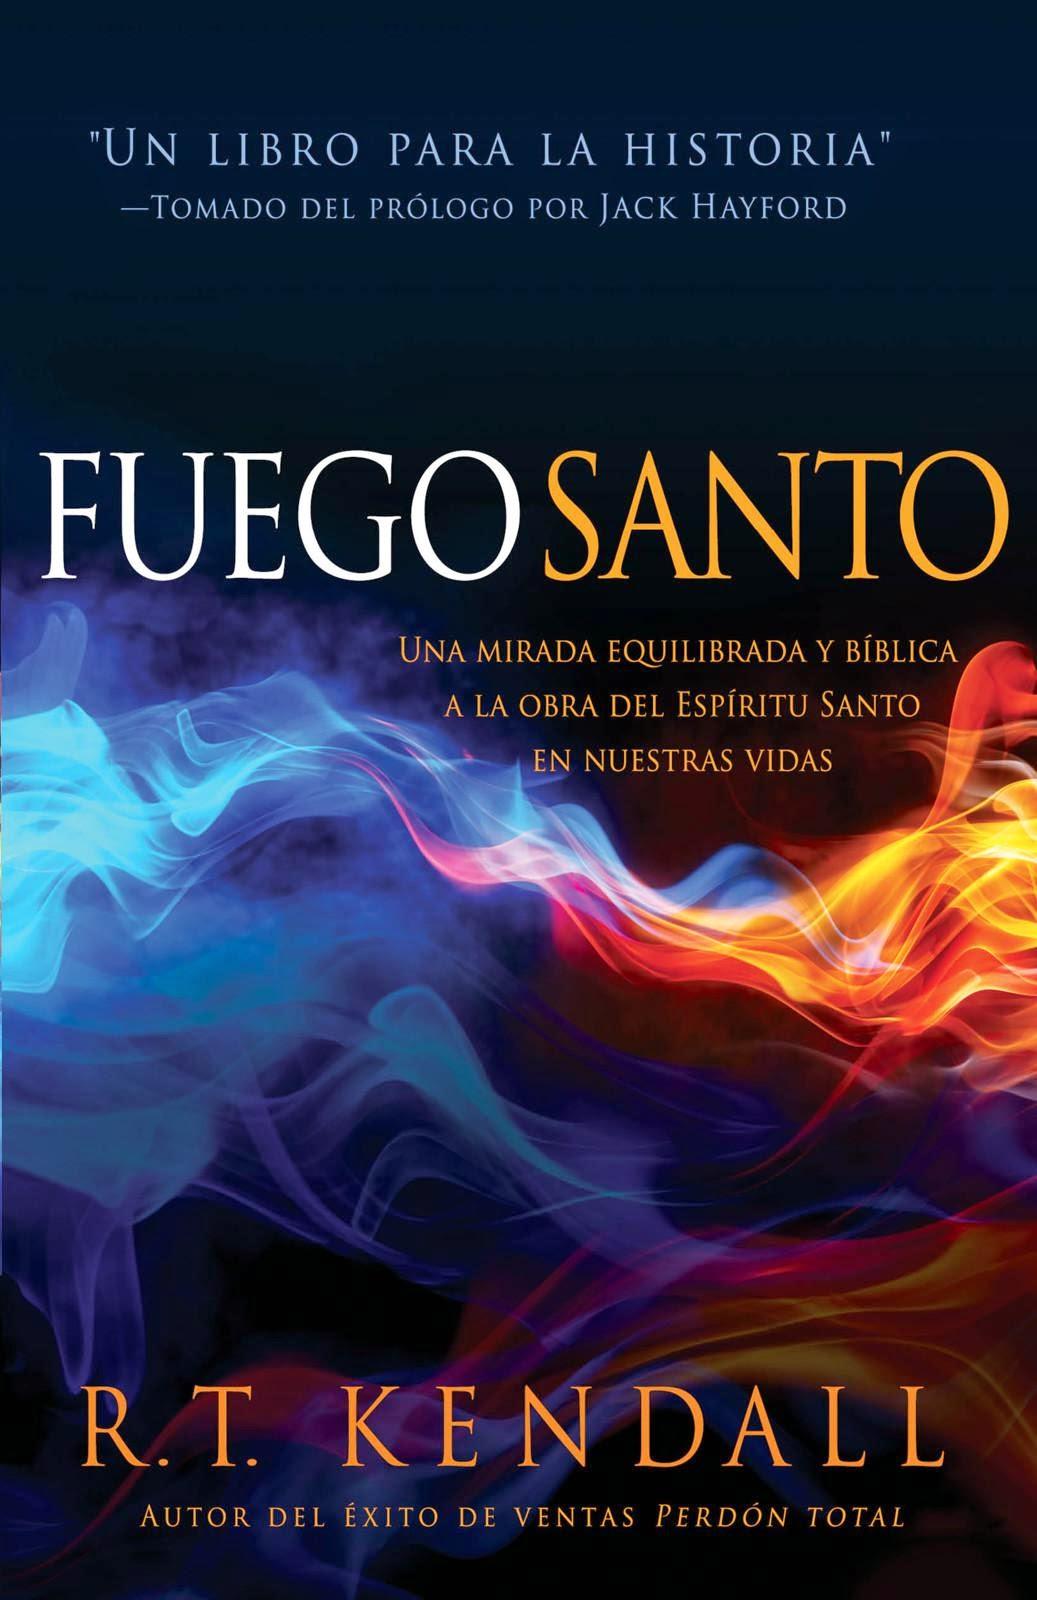 R. T. Kendall-Fuego Santo-